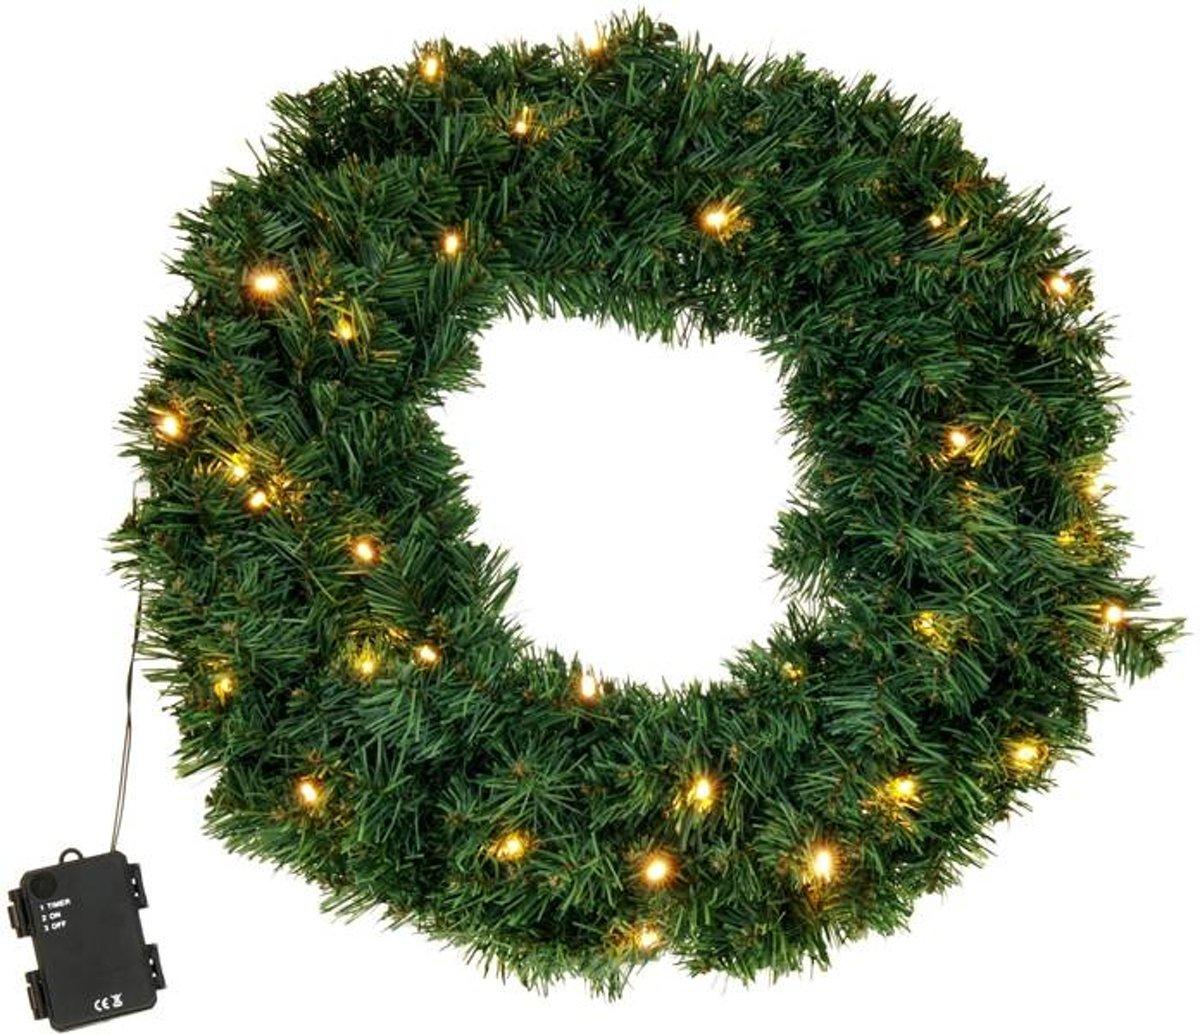 Kerstkrans met LED verlichting 50 cm kopen